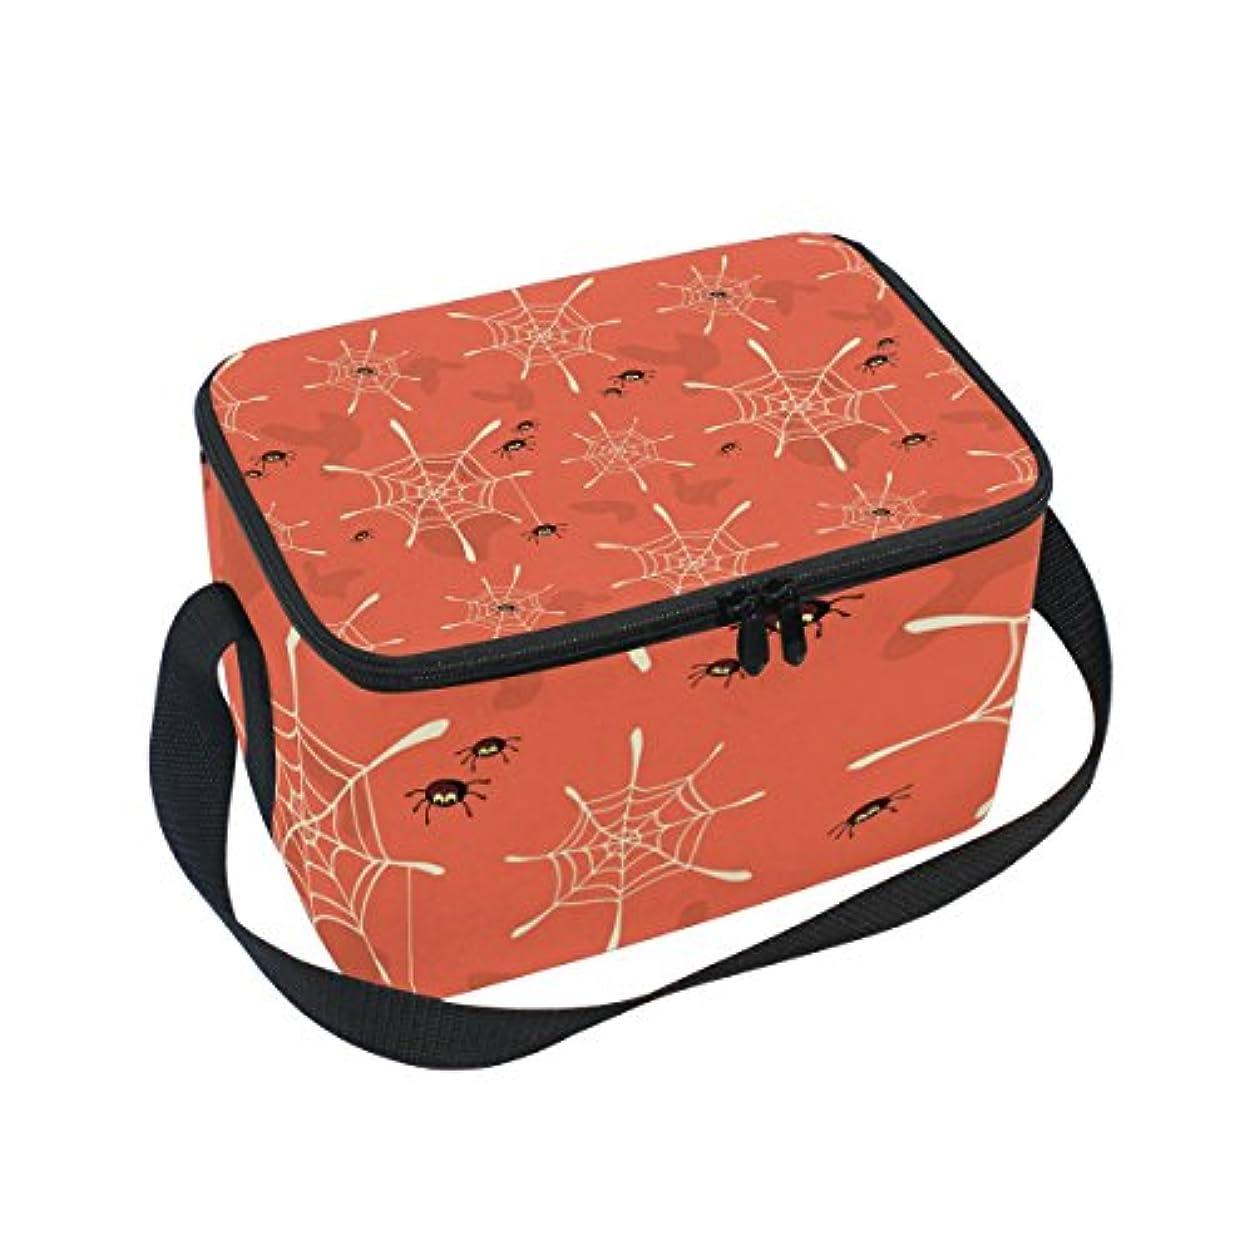 火山学発音するアンケートクーラーバッグ クーラーボックス ソフトクーラ 冷蔵ボックス キャンプ用品 蜘蛛柄 オレンジ 保冷保温 大容量 肩掛け お花見 アウトドア